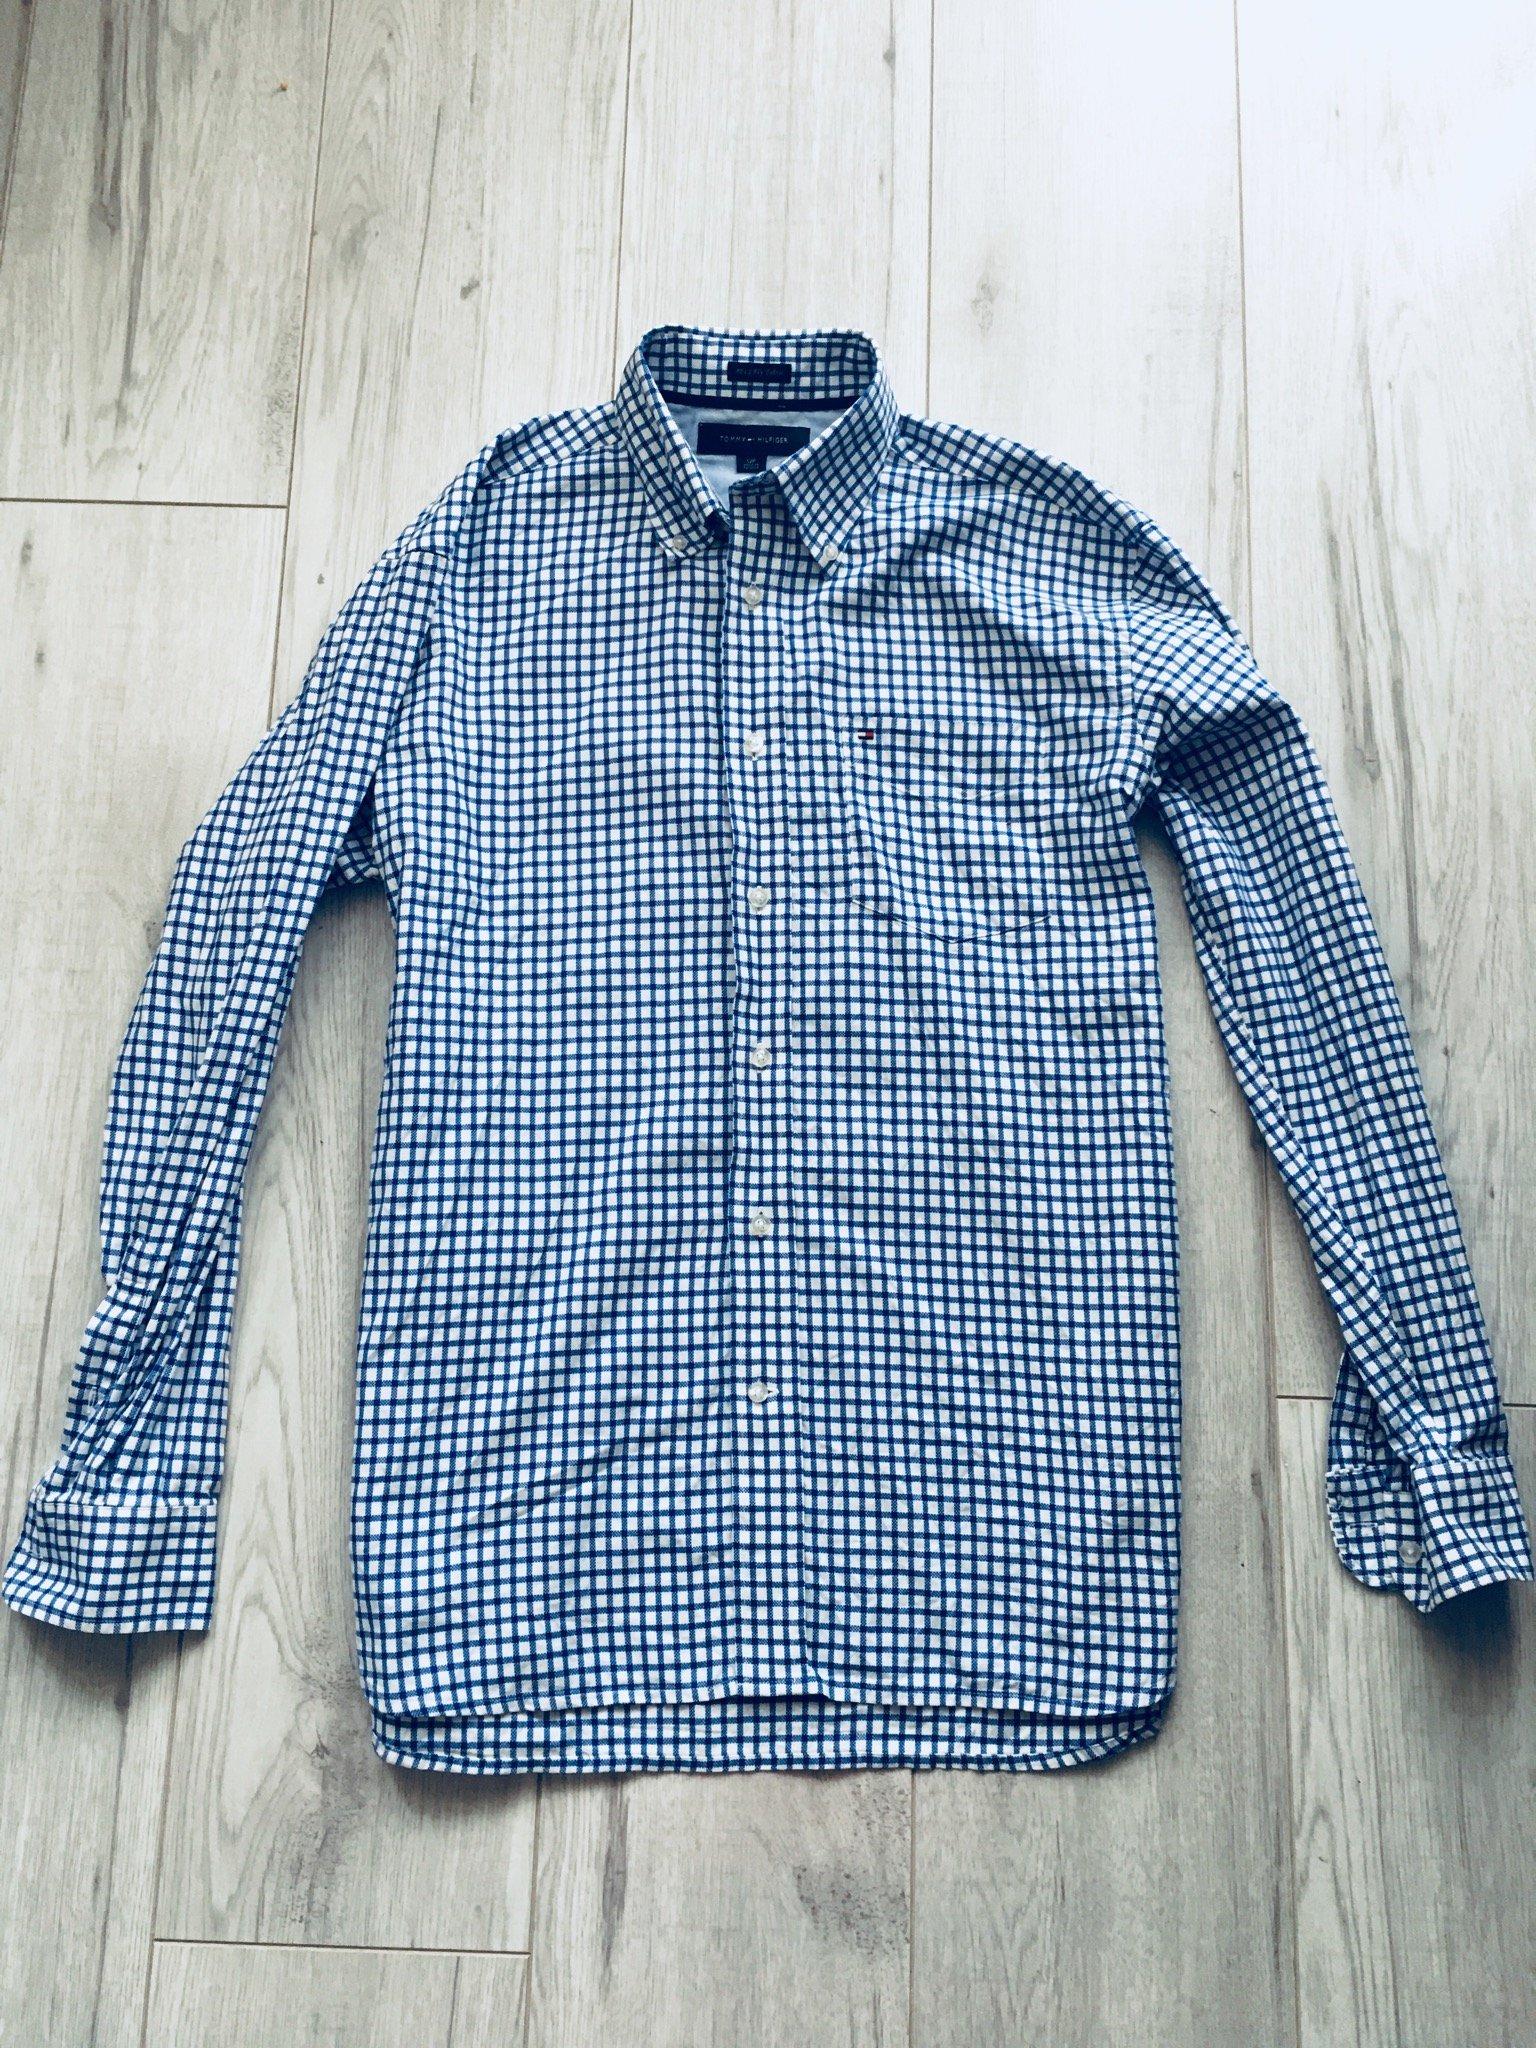 1c21f548c Tommy Hilfiger koszula krata niebieska S jak nowa - 7086983807 ...